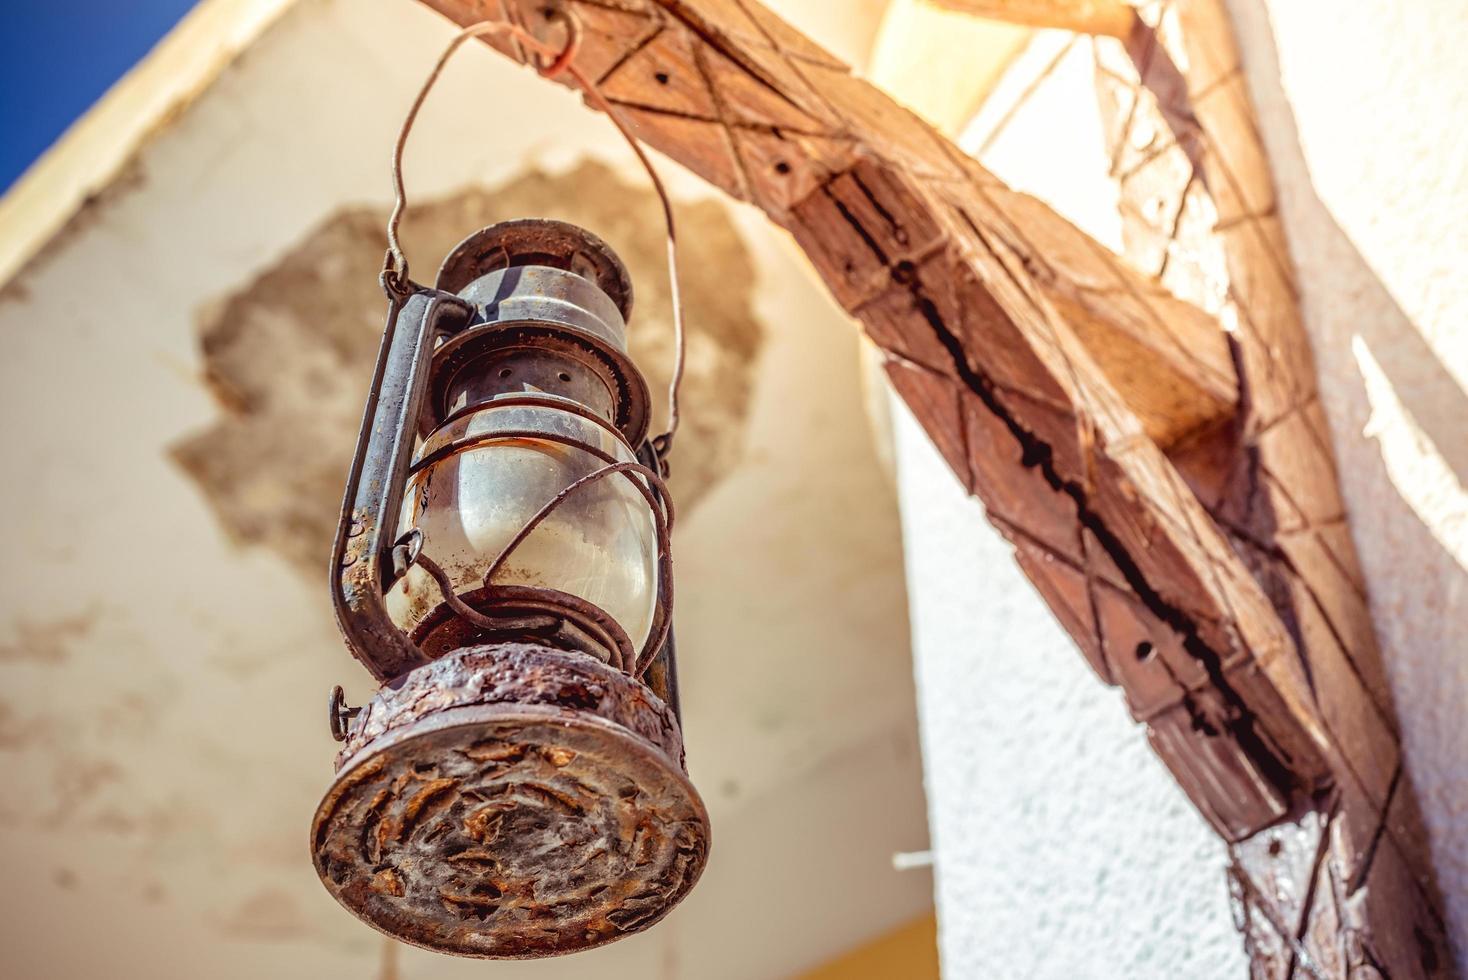 rustik lampa medelhavs gatubild foto